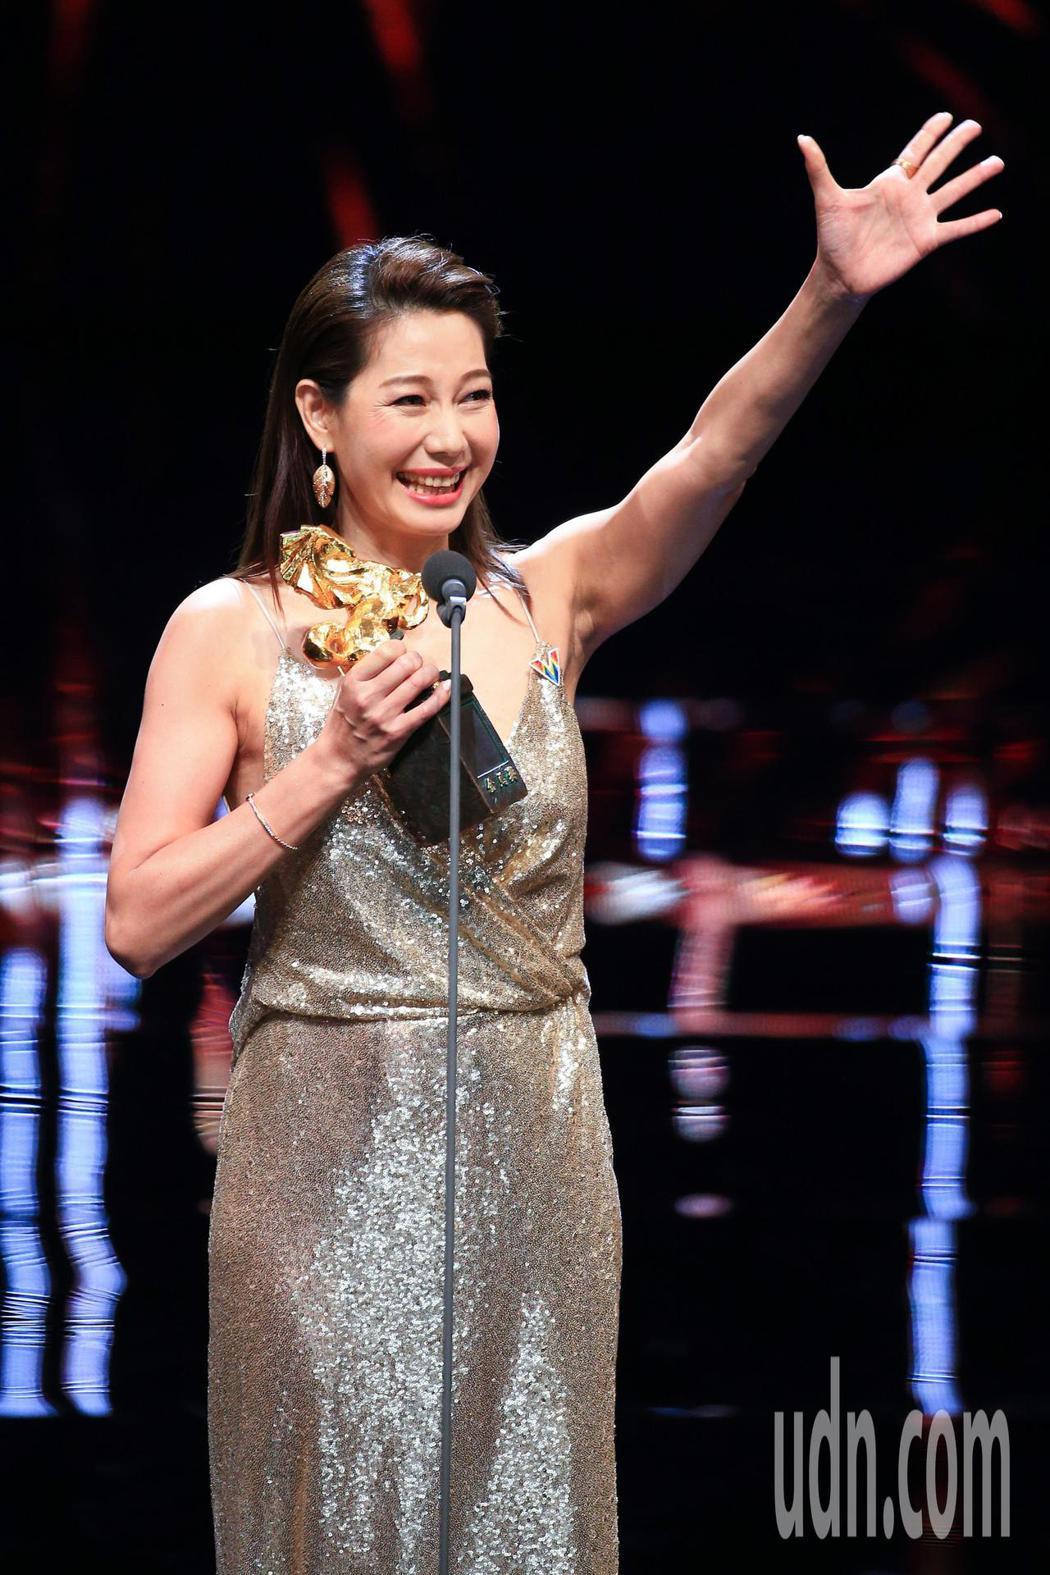 第55屆金馬獎頒獎典禮,丁寧以「幸福城市」獲頒最佳女配角。記者林伯東/攝影